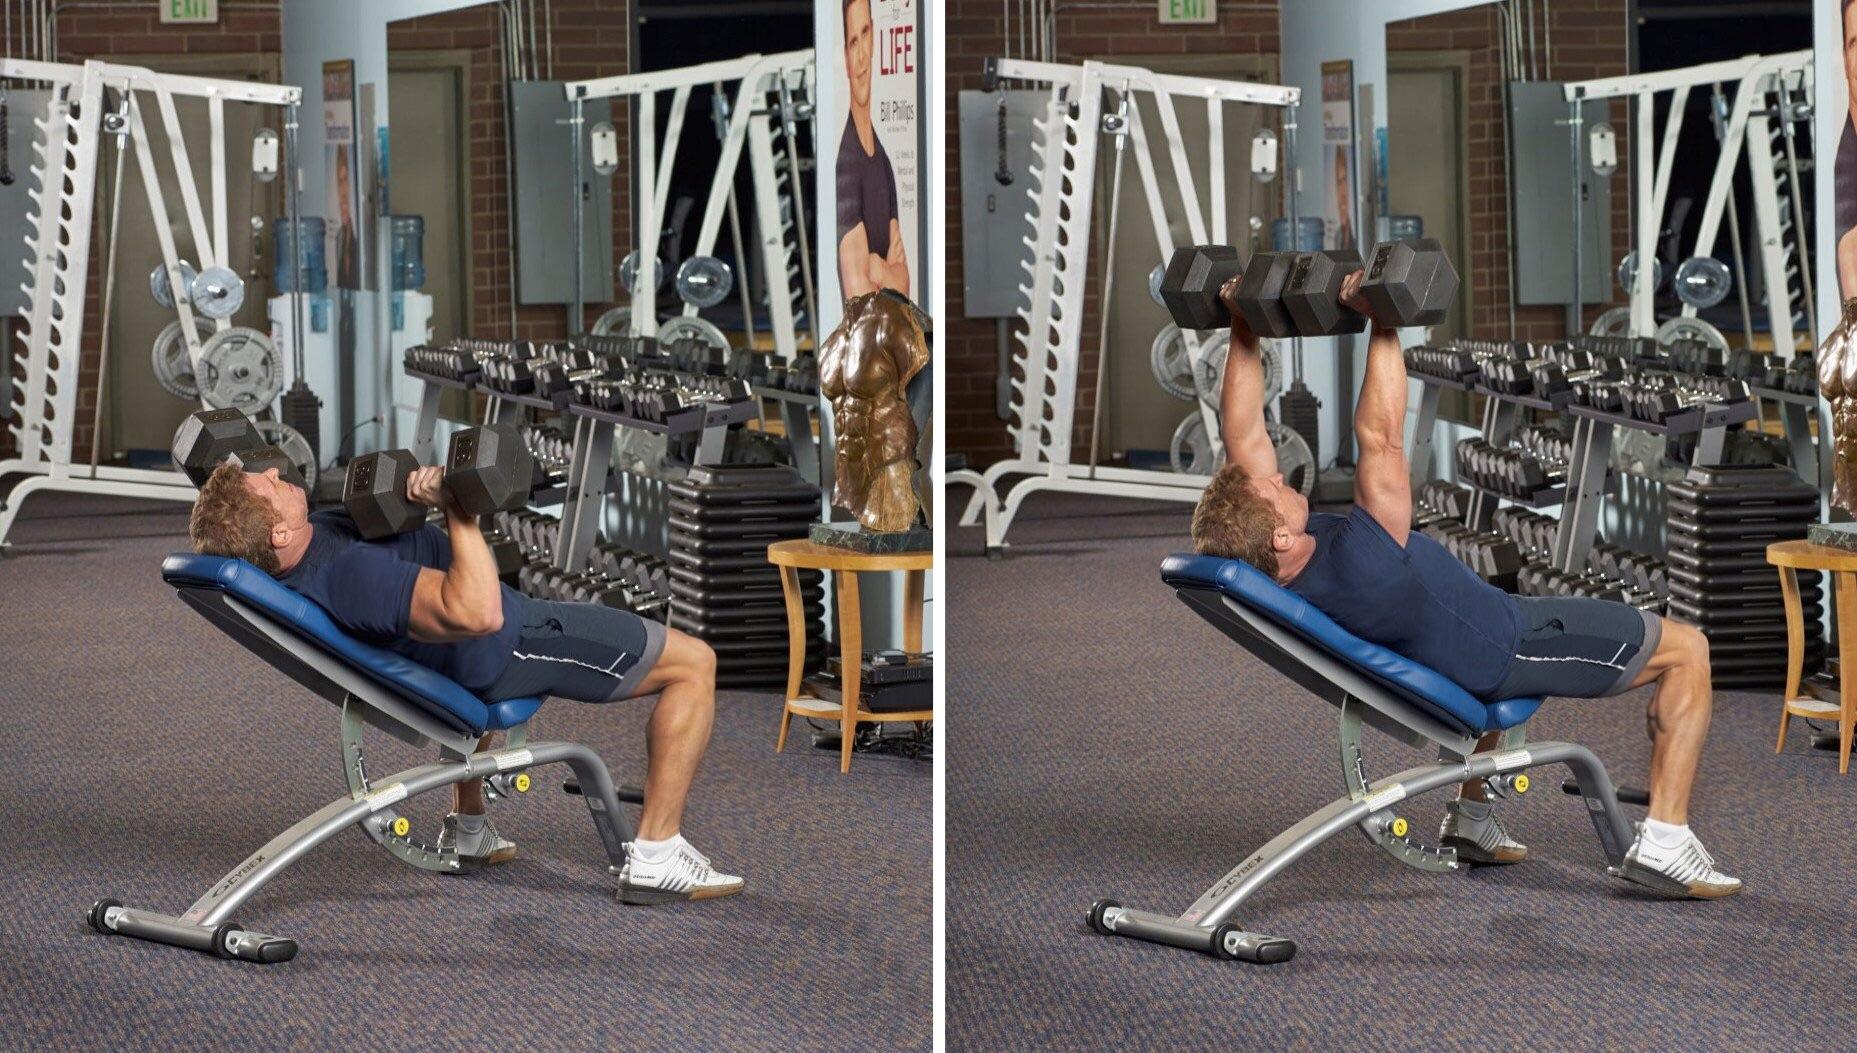 incline reversegrip dumbbell bench press exercise